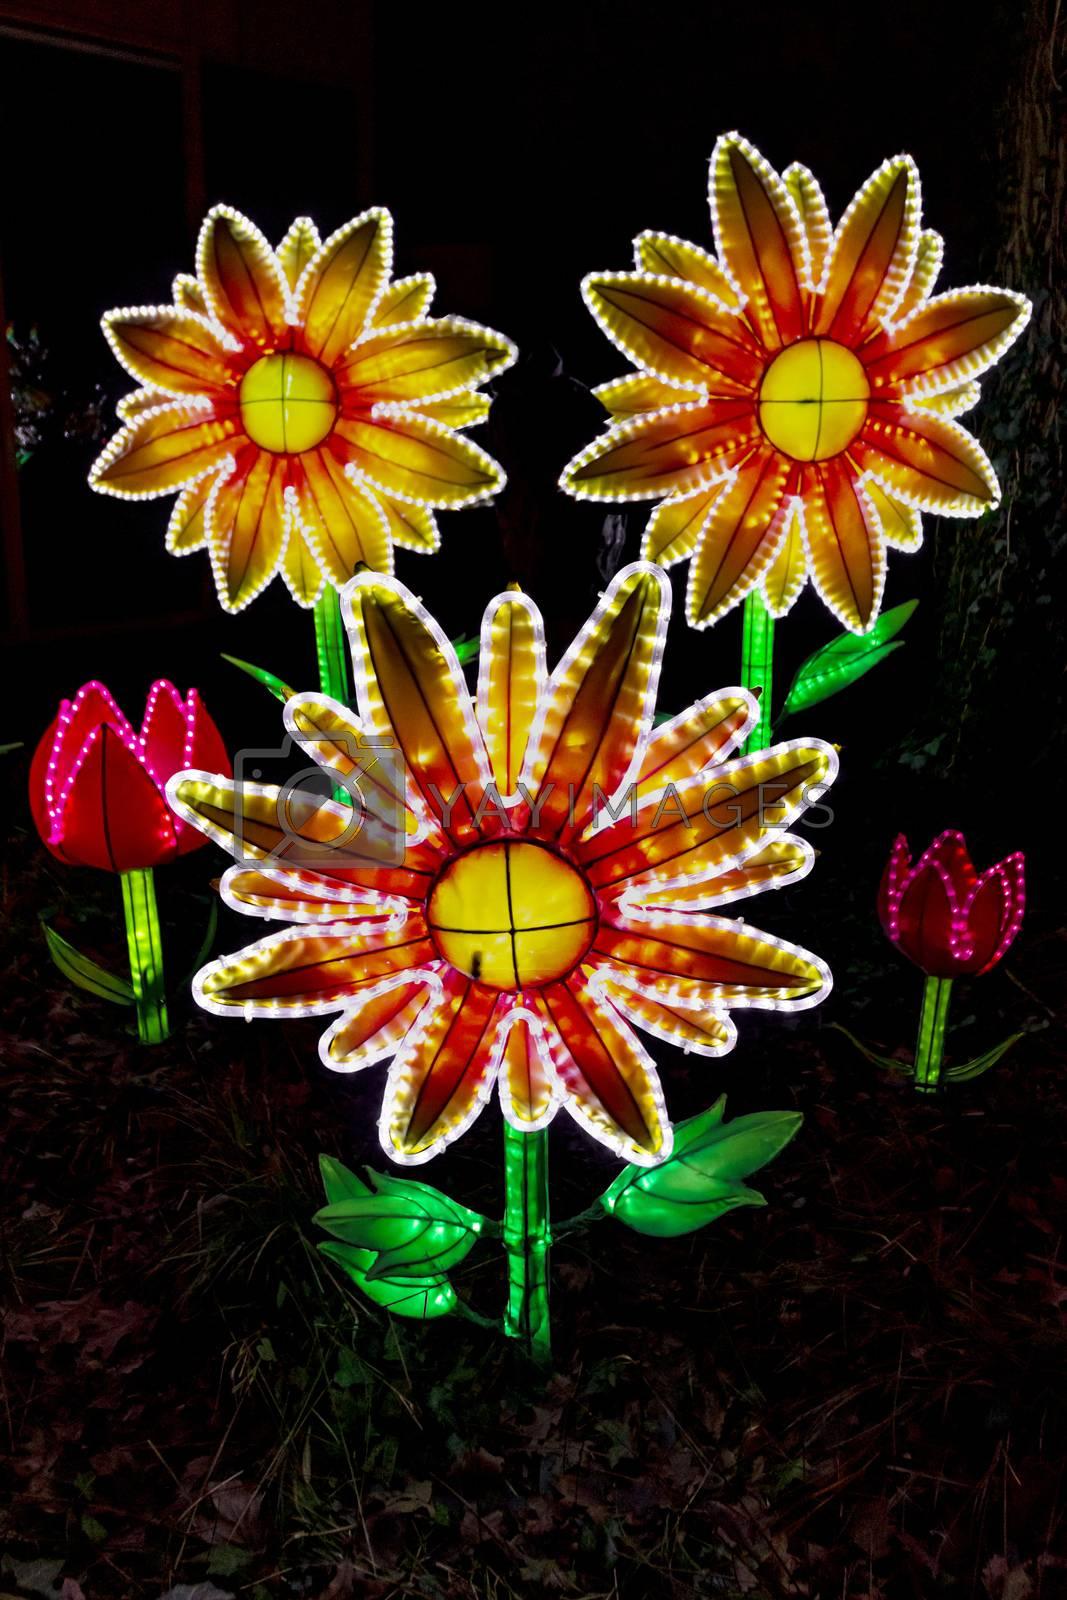 Illuminated flowers and tulips in the dark night